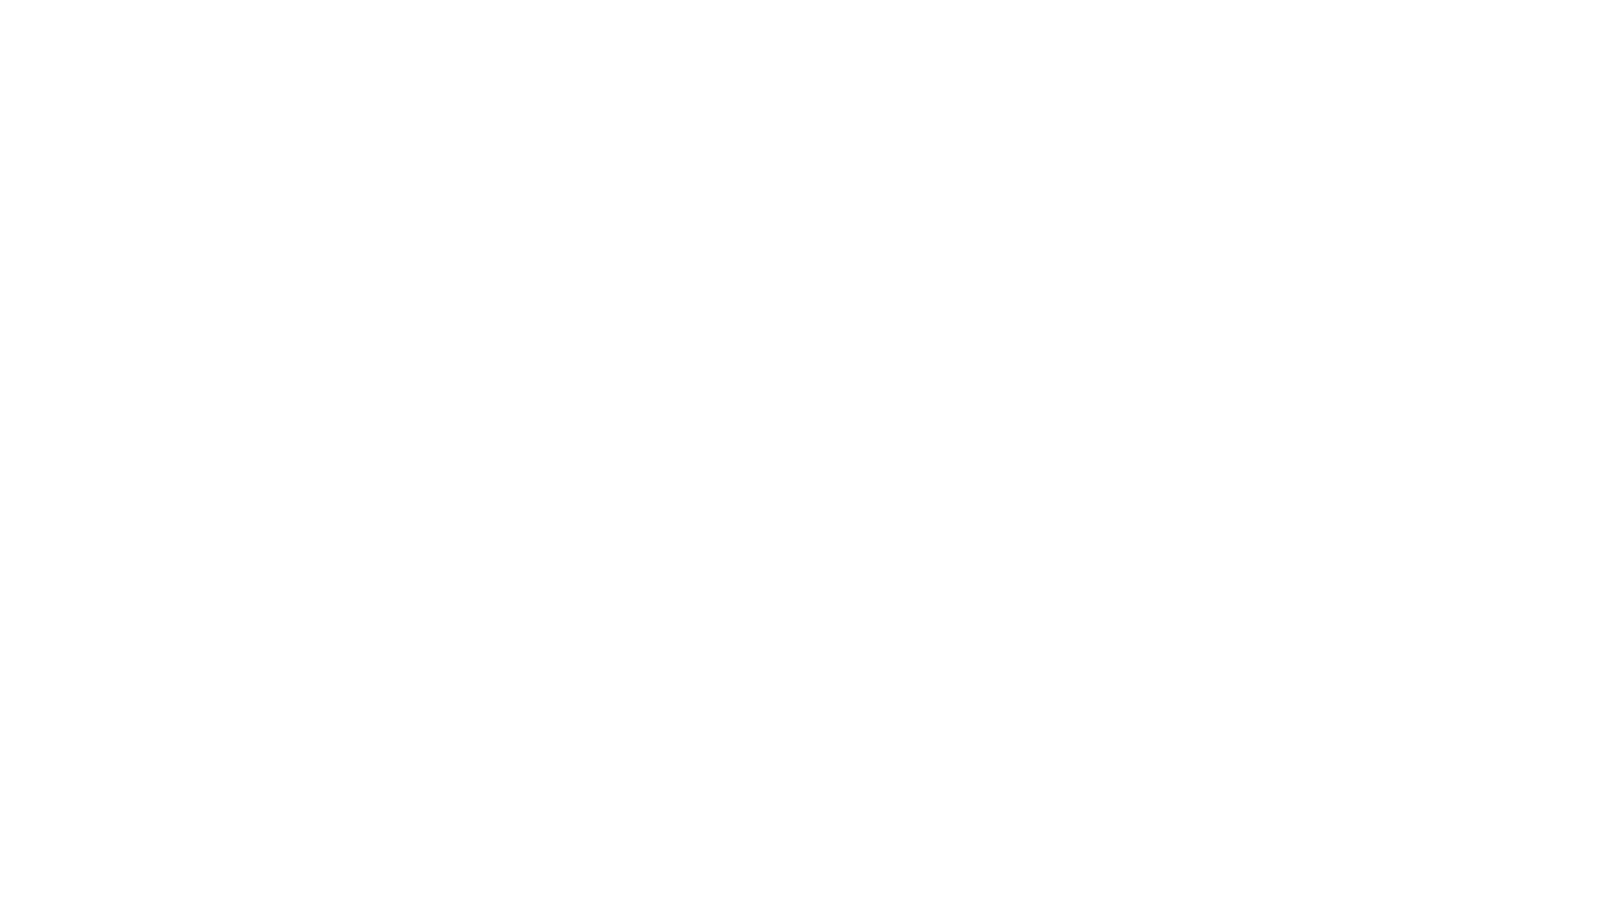 https://advogadoempreendedor.com/  Depoimento da Dr. Luis Fernando Cantanhede sobre o Mentoring JusMarketing.  Dr. Luis Fernando Cantanhede Sócio-fundador do escritório Cantanhede Advocacia & Consultoria com sede em Brasília DF, com mais de 5 anos de atuação como advogado nas áreas de direito trabalhista e imobiliário. Pós-graduado em Direito e Processo de Trabalho pela Faculdade Estácio CERS.  Daniela Mascarenhas Uma da maiores especialistas em Marketing Jurídico e Gestão Legal do Brasil. Empreendedora, relações públicas, especialista em marketing, estratégias corporativas, modelos de negócios e inovação, com MBA em Marketing pela Fundação Getúlio Vargas. É palestrante e professora de graduação e pós-graduação. Diretora de Projetos da Associação de Microempresas e Empresas de Pequeno Porte do Estado da Bahia (FEMICRO-BA). Teve sem trabalho referenciado pela Exame, InfoMoney, Portal Mundo do Marketing, Portal Terra e Agência Estado.  Nos siga nas redes sociais: Instagram: https://www.instagram.com/marketingjuridico.com.br/ Facebook: https://www.facebook.com/advogadoempreendedor.com.br/ Site: http://advogadoempreendedor.com/  Advogado Empreendedor no Telegram: http://advogadoempreendedor.com/telegram/  Assine o canal e ative as notificações: https://danielamascarenhas.com.br/youtube  Participe da nossa lista VIP no Whatsapp e receba novos conteúdos semanalmente de Marketing Jurídico e Gestão Legal: http://bit.ly/insights-de-marketing-juridico  Tem mais dúvida? Comente aqui ou mande email!  Dúvidas: contato@advogadoempreendedor.com   https://advogadoempreendedor.com/